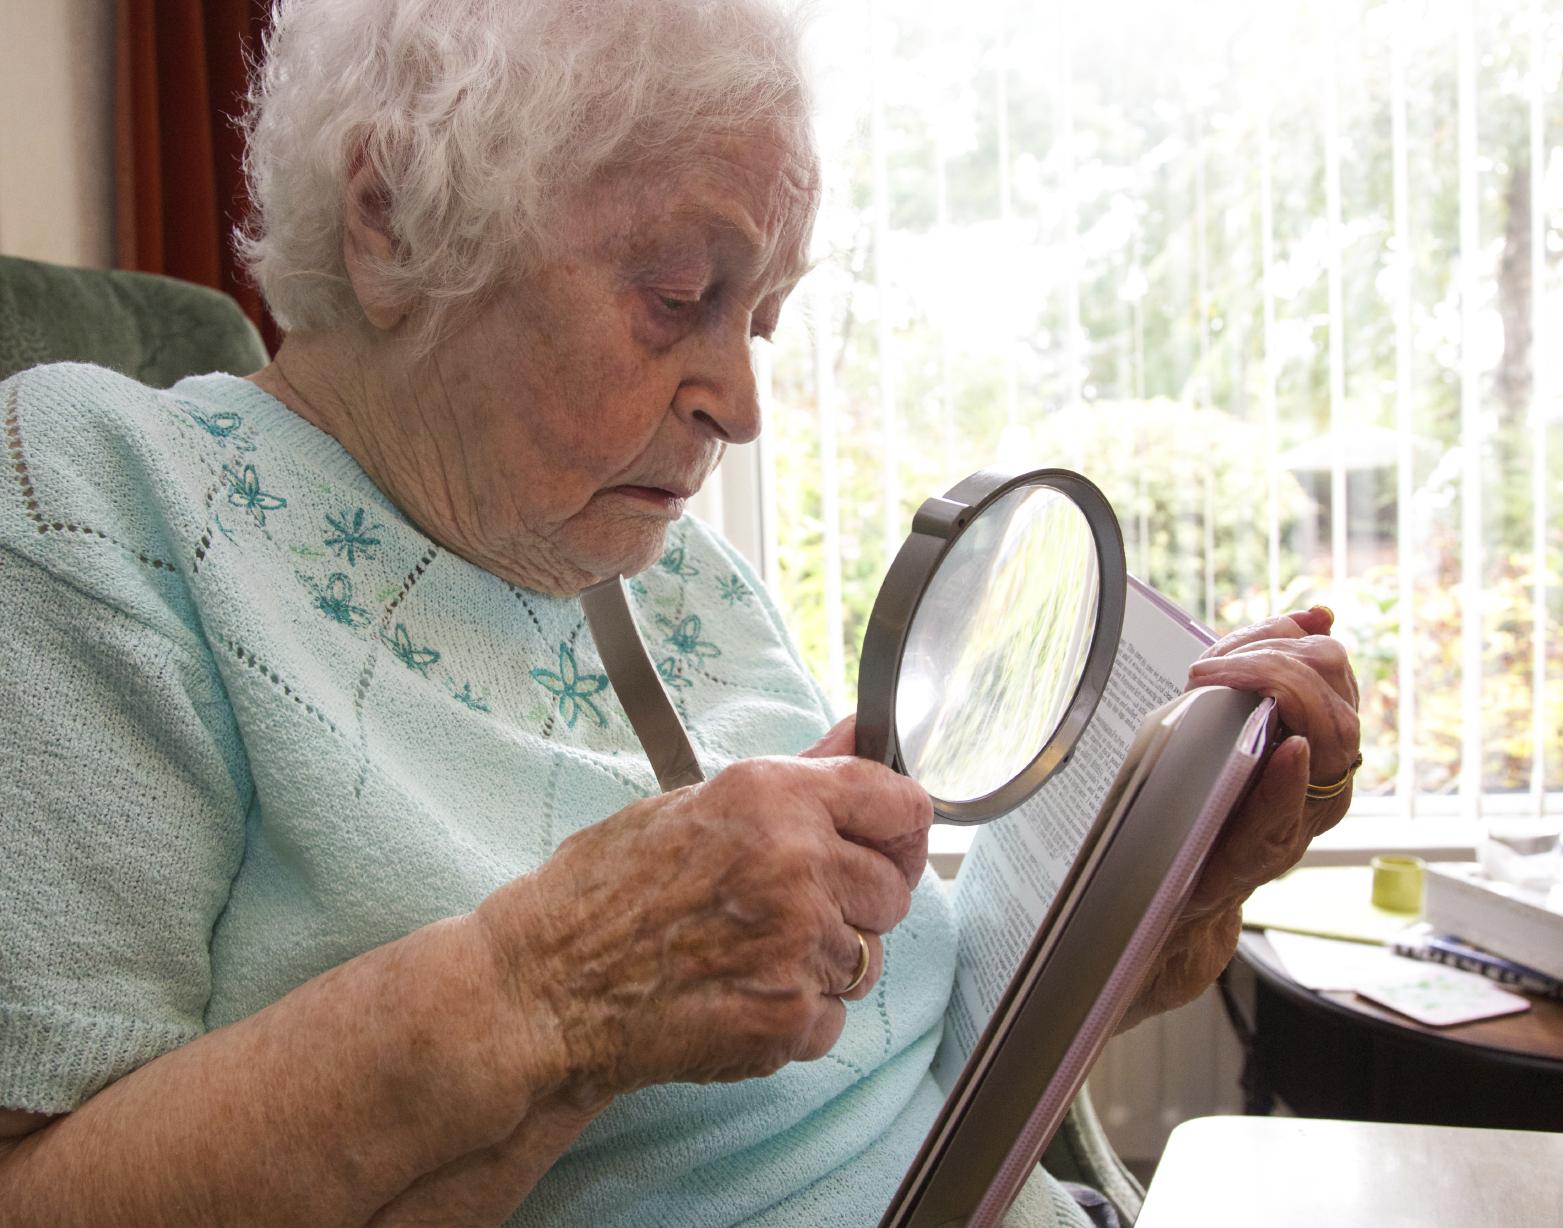 המטפלים העיקריים בקשישים לאחר שבץ מוחי: השלכות הטיפול על המטפלים וההבדלים במתן הטיפול בין המינים- סקירת ספרות